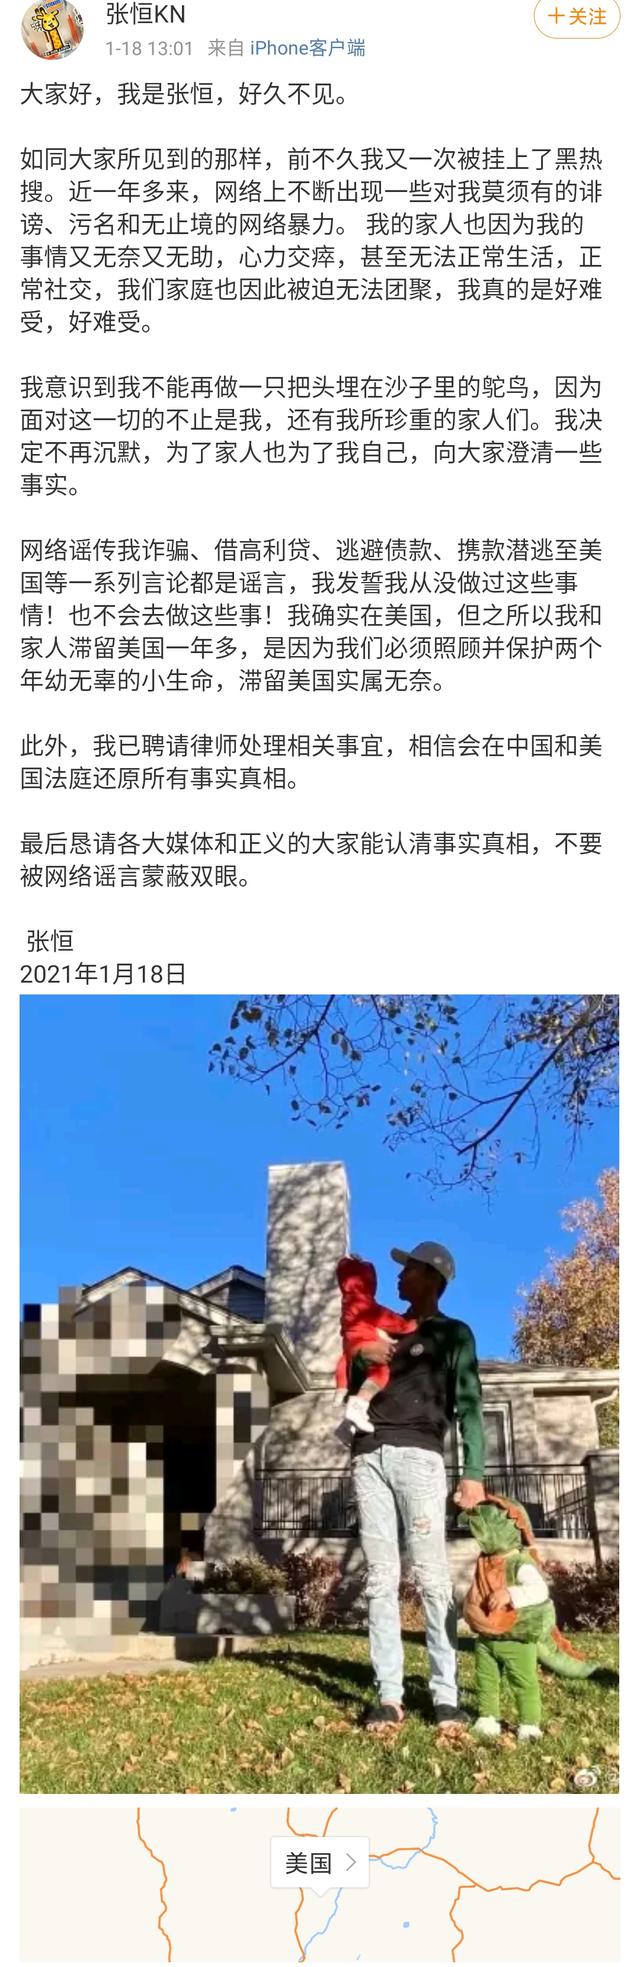 """""""白蓮花""""鄭爽惹眾怒, 被叫滾出娛樂圈, 原來張翰早看穿她真面目-圖2"""